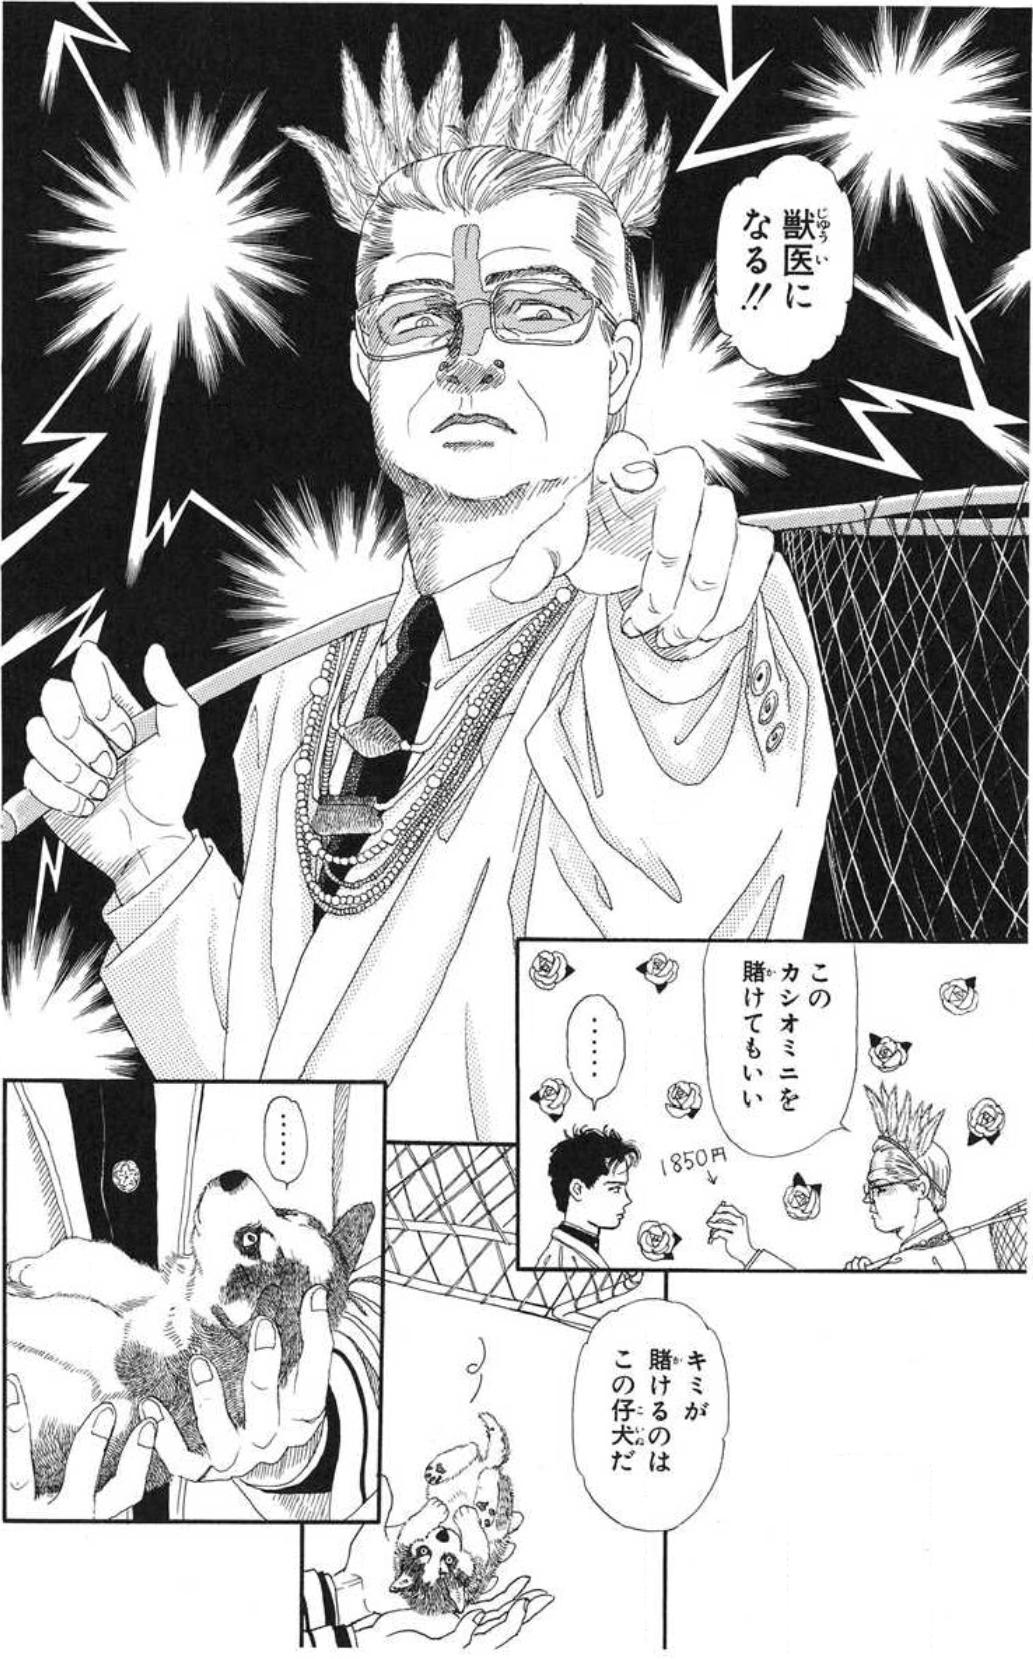 漫画『動物のお医者さん』の名言:君は将来……獣医になる!!【漆原教授】